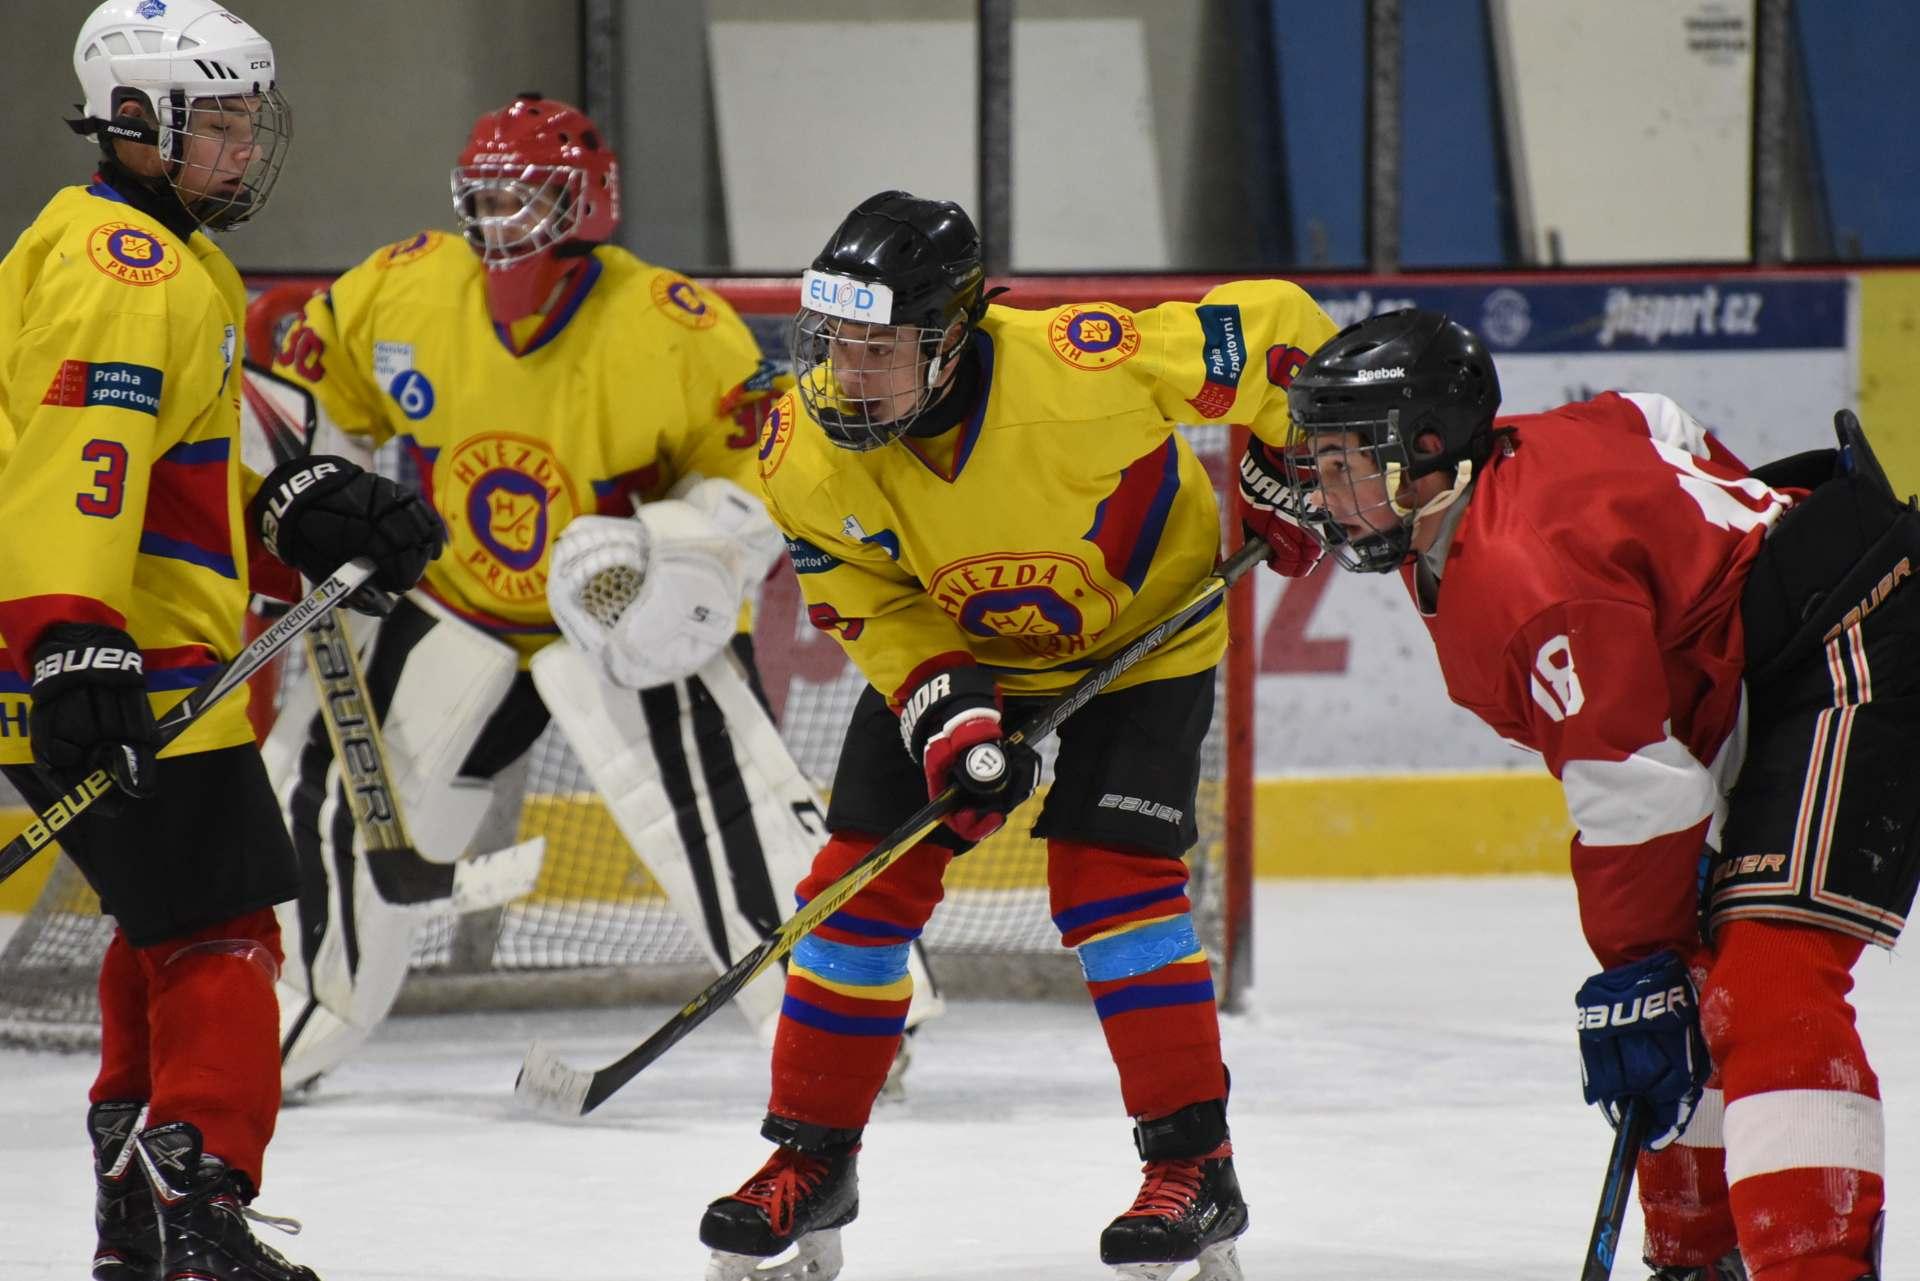 Eishockey Wm 2021 Prag